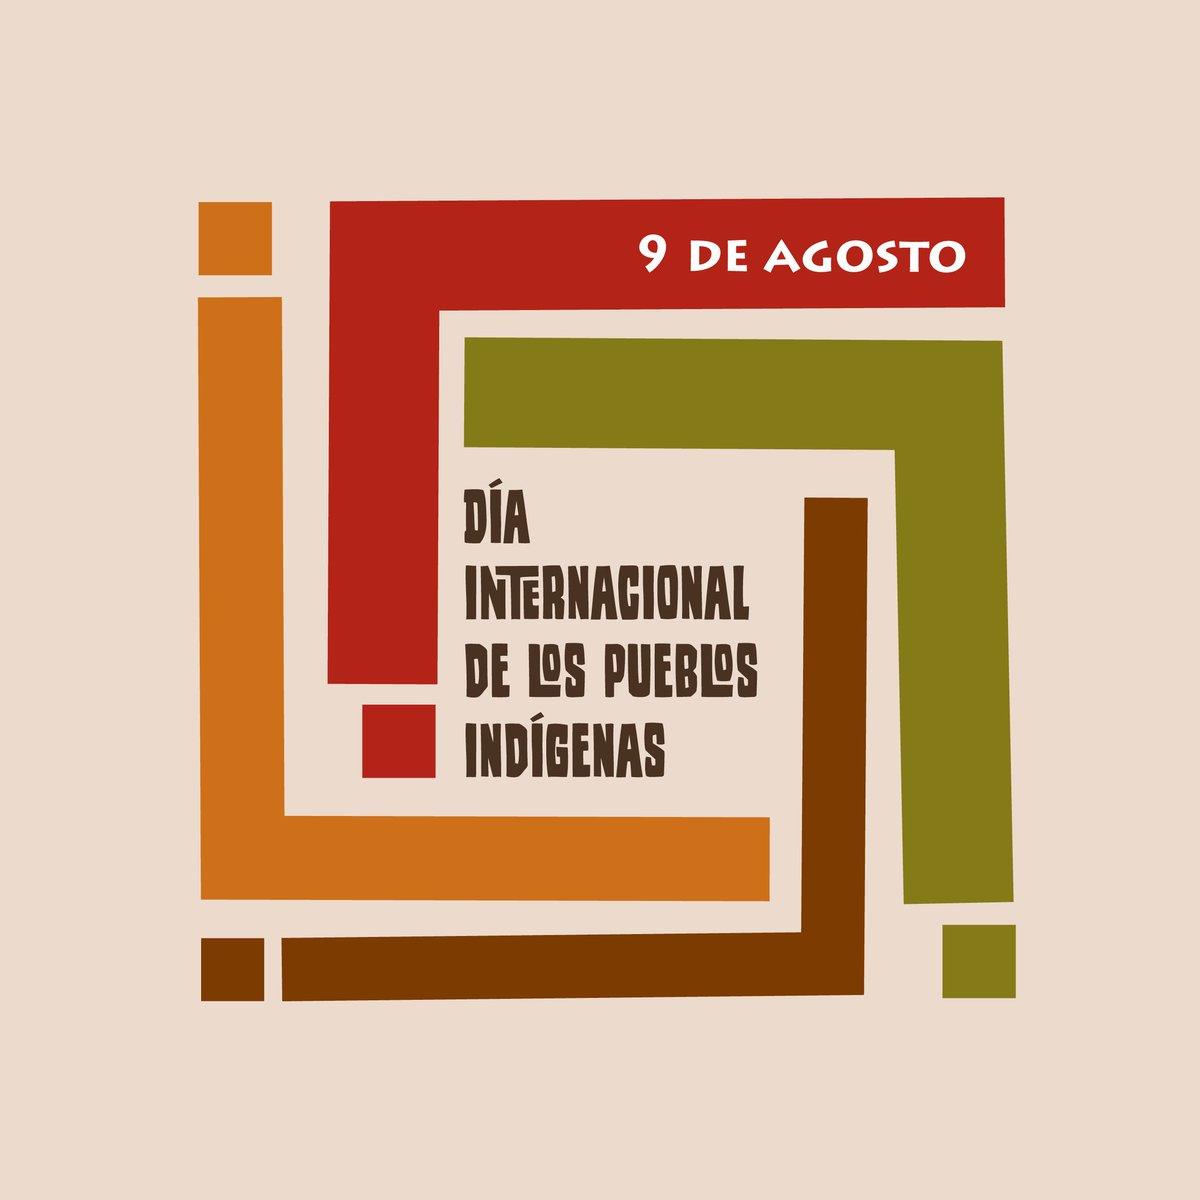 Ce hueyi netlauhtiliztli, ipan nahuatlahtolli, nochi tocenyeliztli in occequin cecnitlaca macehualtepemeh ipan nochi tlalticpac  «Un gran saludo, en lengua #náhuatl, a todos nuestra familia de otros Pueblos Indigenas en todo el mundo»  #SomosIndígenaspic.twitter.com/8EP3aF6jge